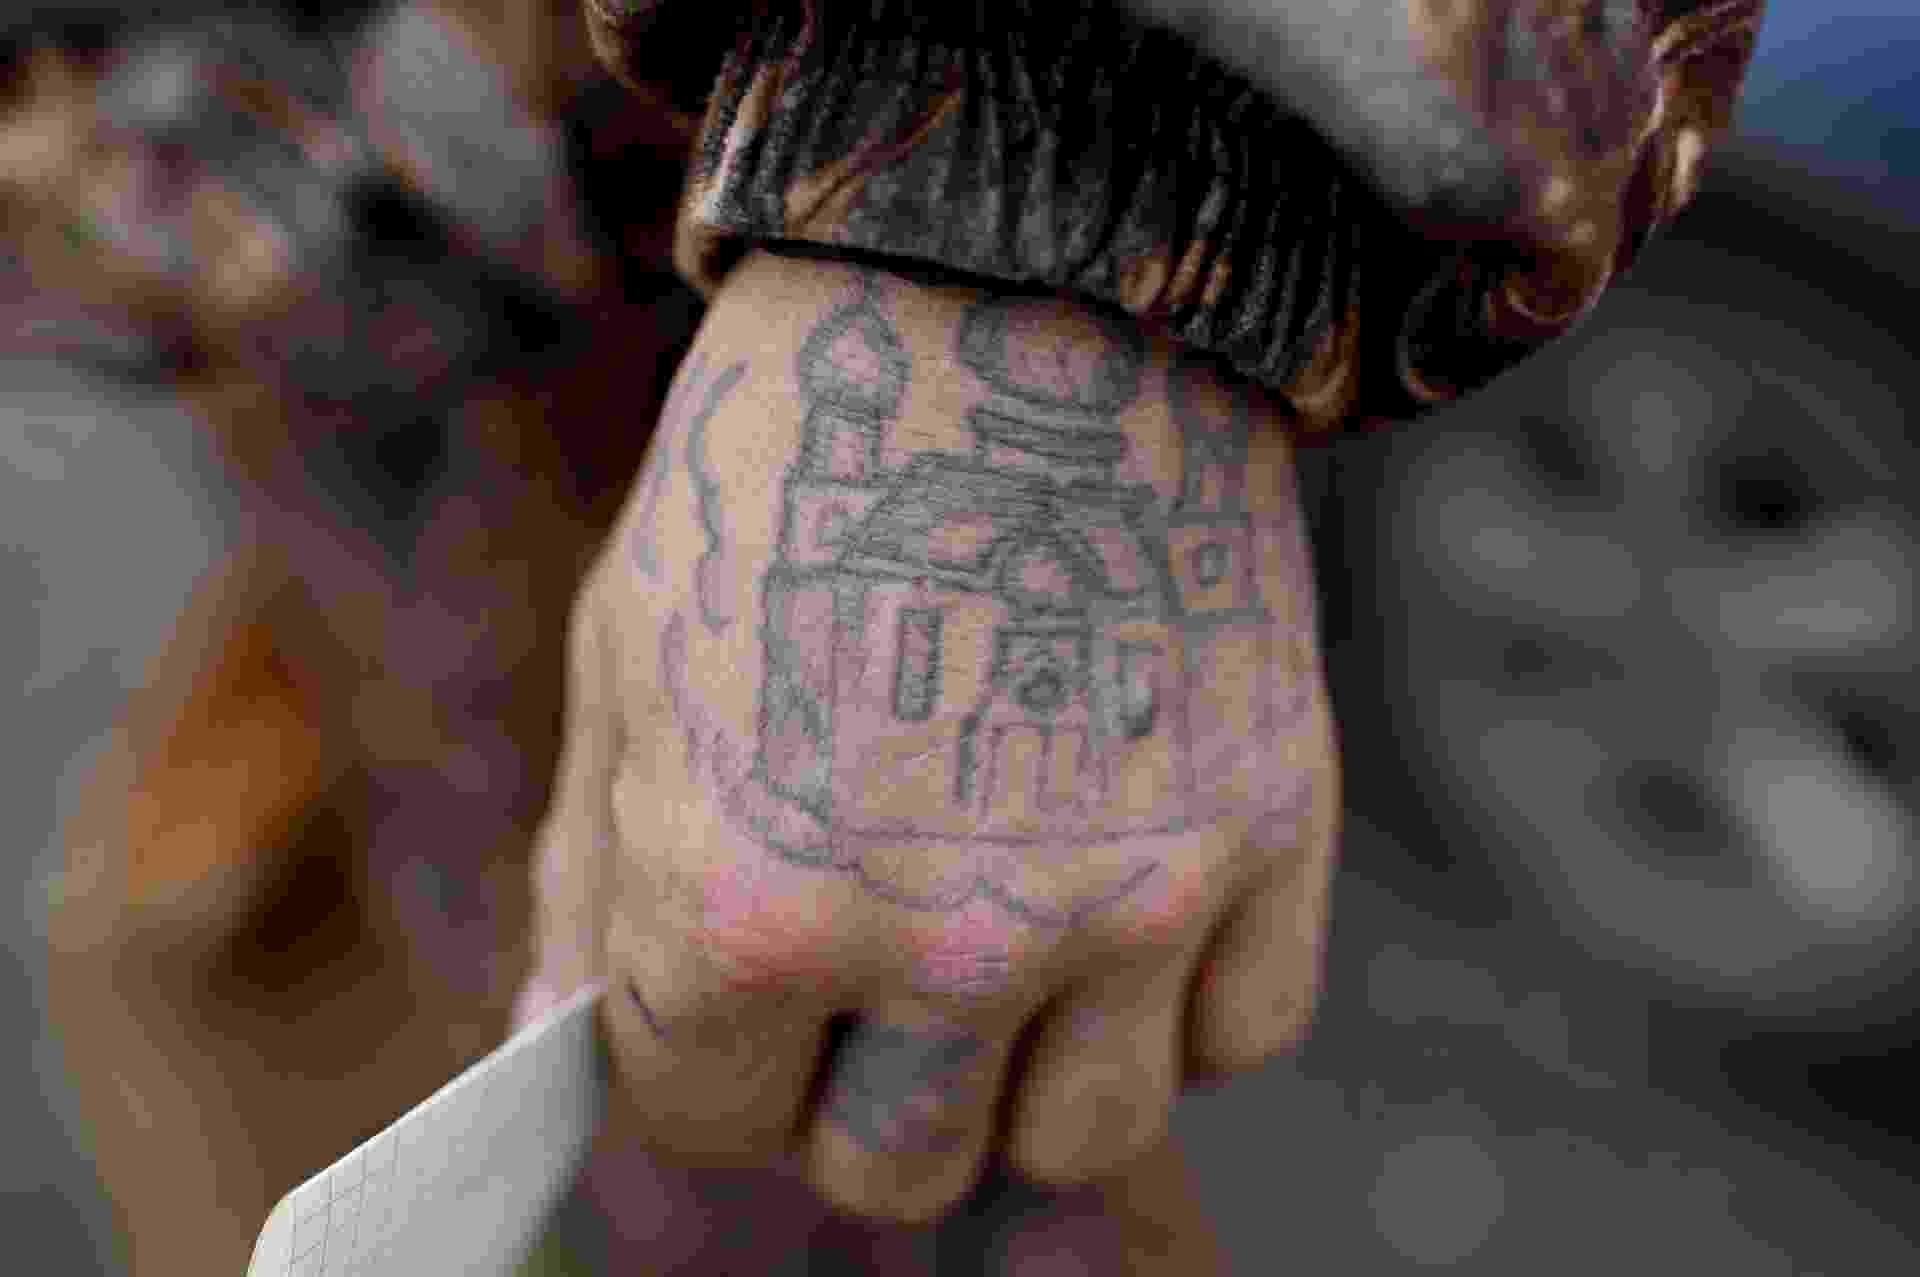 Um homem sem-teto e sua tatuagem de uma igreja ortodoxa na mão segura um pedaço de papel durante evento de caridade organizado pela Caritas - Alexey Malgavko/Reuters